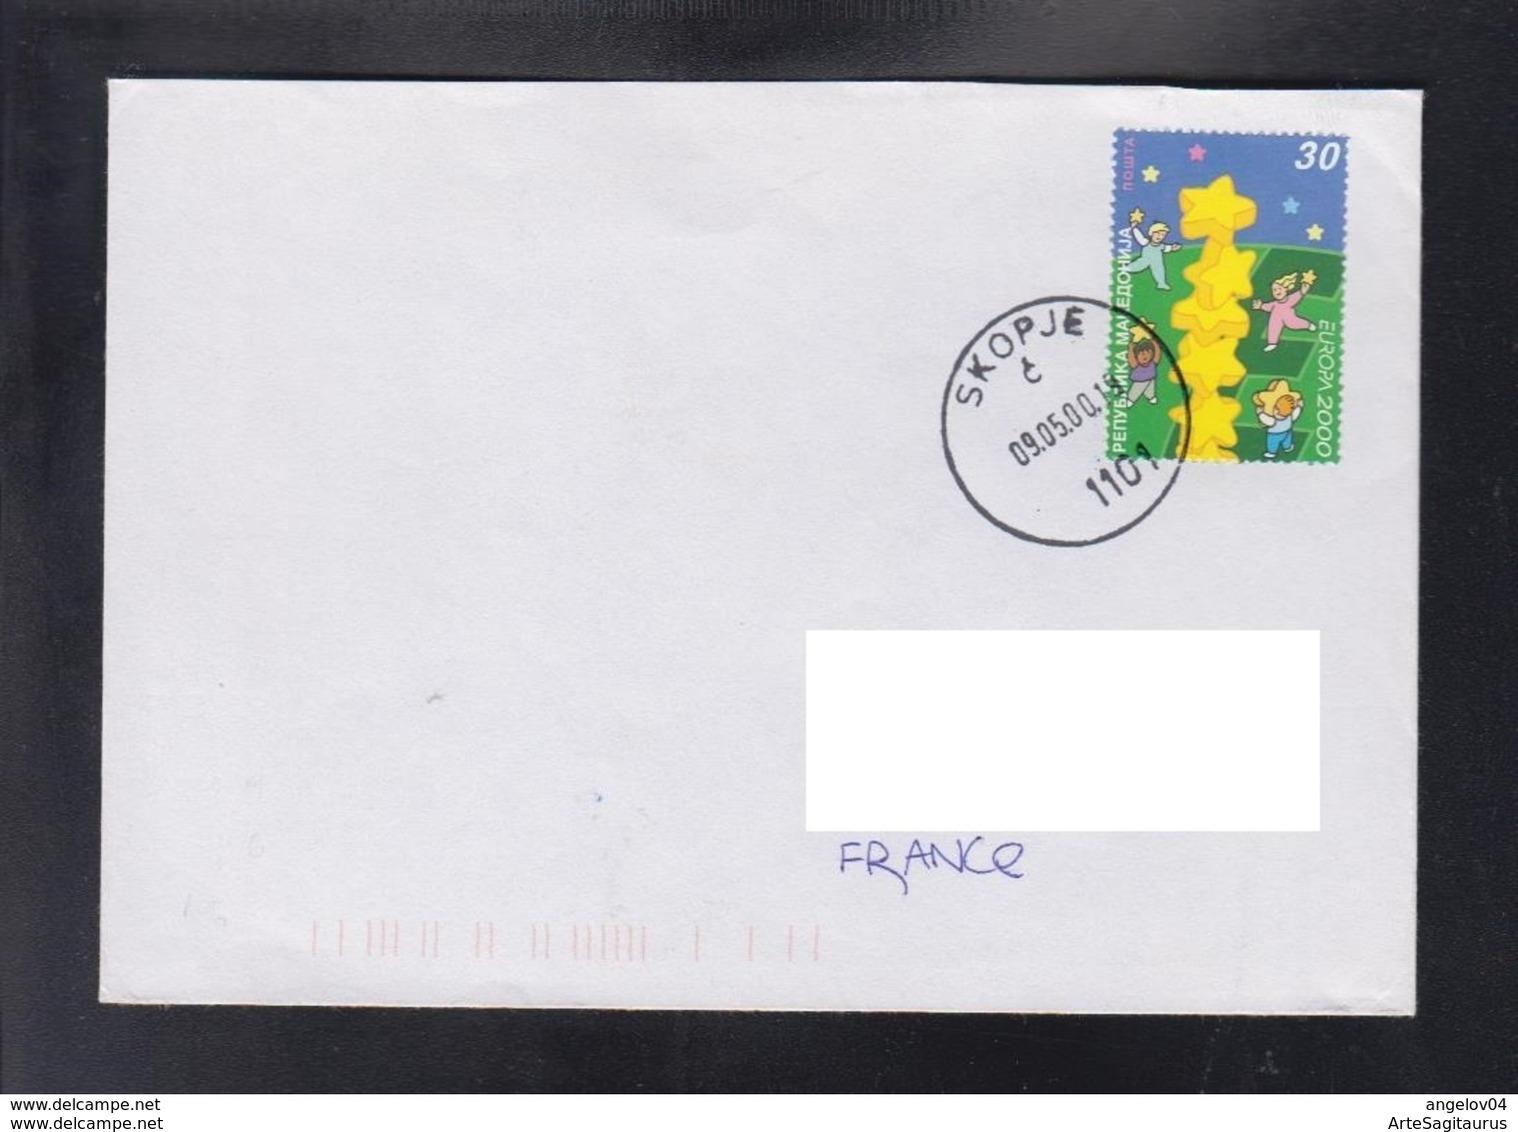 REPUBLIC OF MACEDONIA, 2000, COVER, MICHEL 196 - EUROPA 2000 / SLOVENIA ** - Europa-CEPT